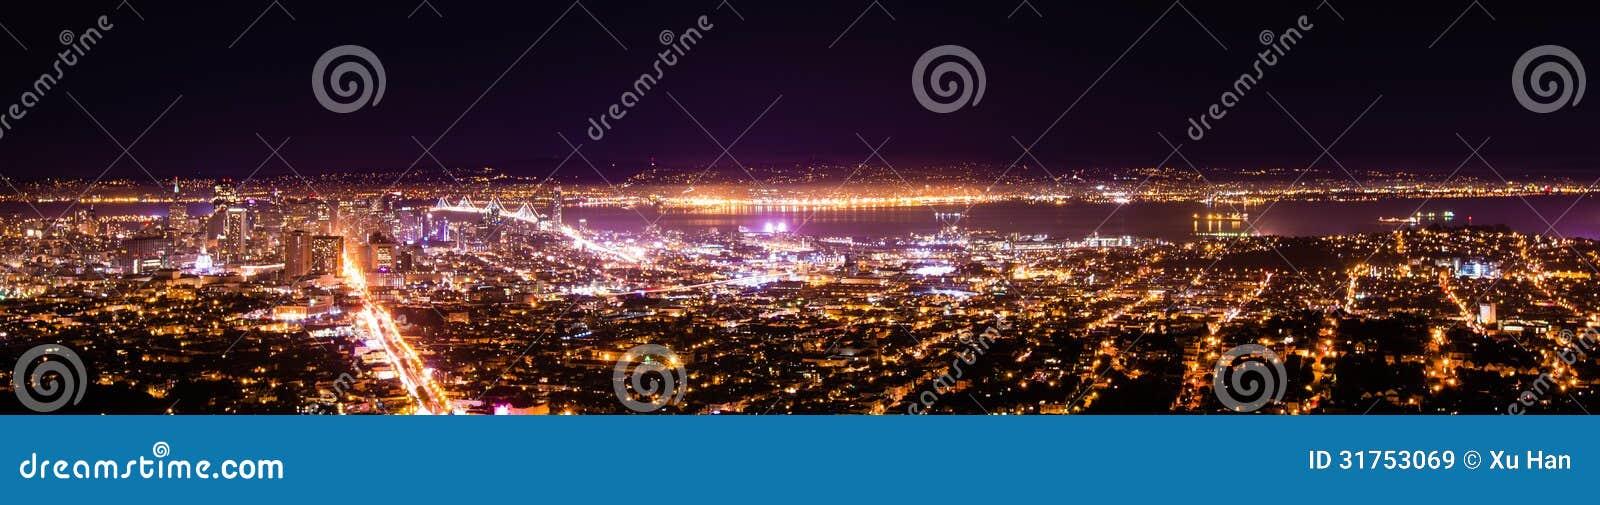 La noche de San Francisco